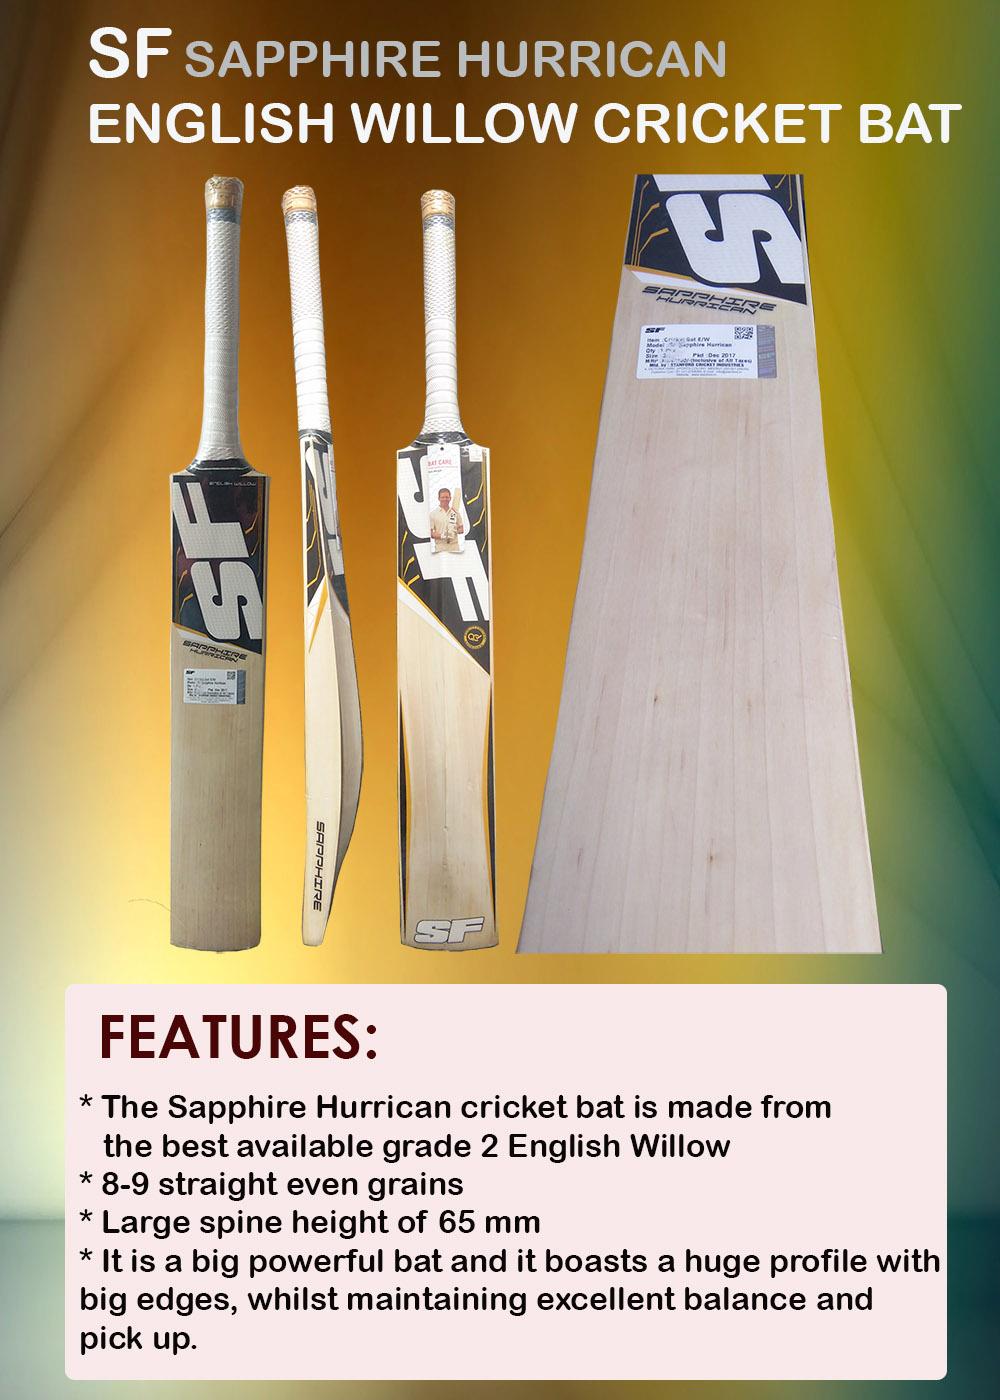 SF Sapphire Hurrican bat